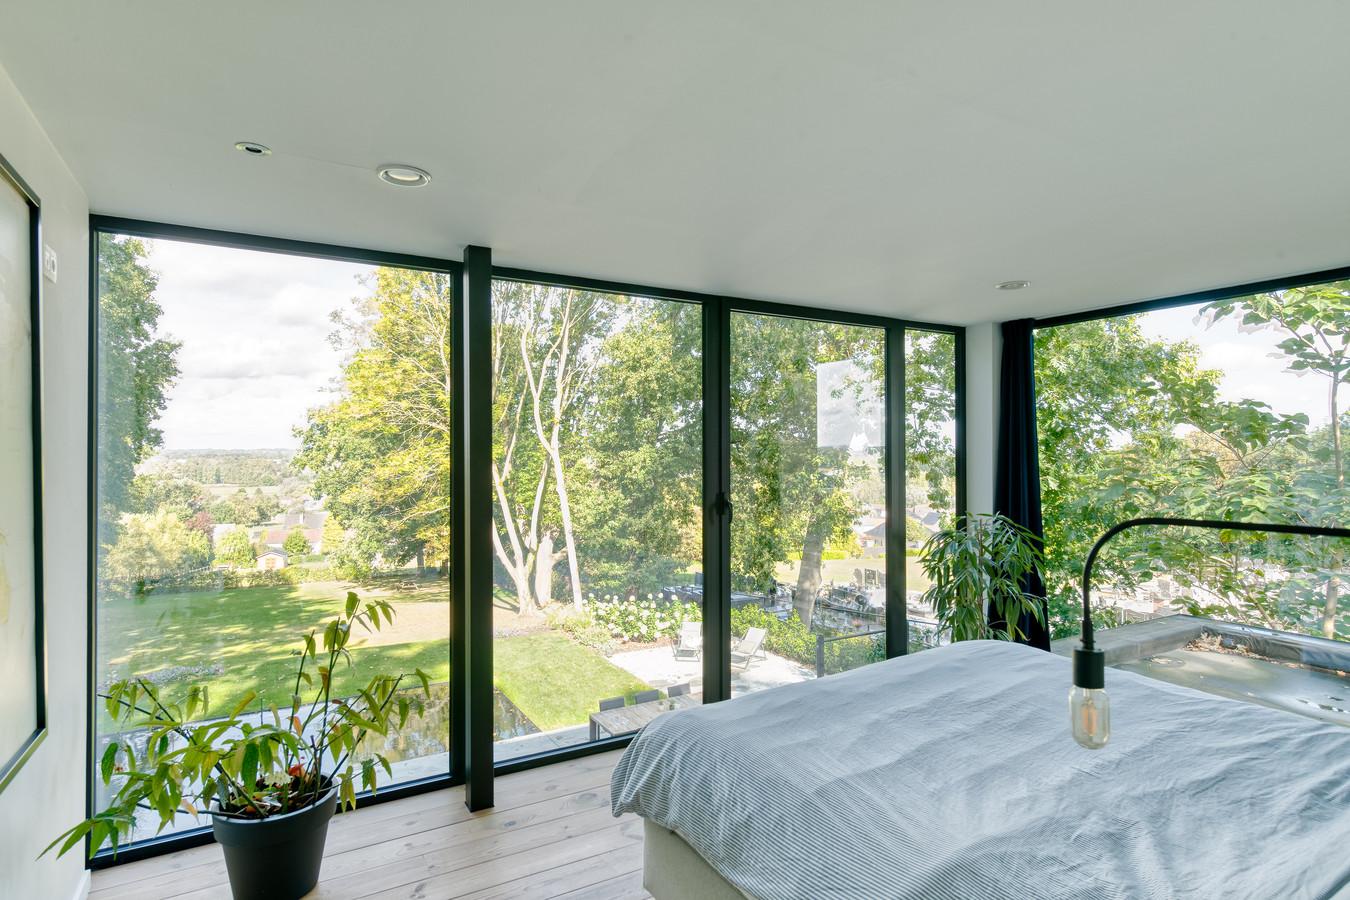 Er zijn slechtere plekken om wakkerte worden. Dankzij het raam opzij valt ook de ochtendzon binnen.